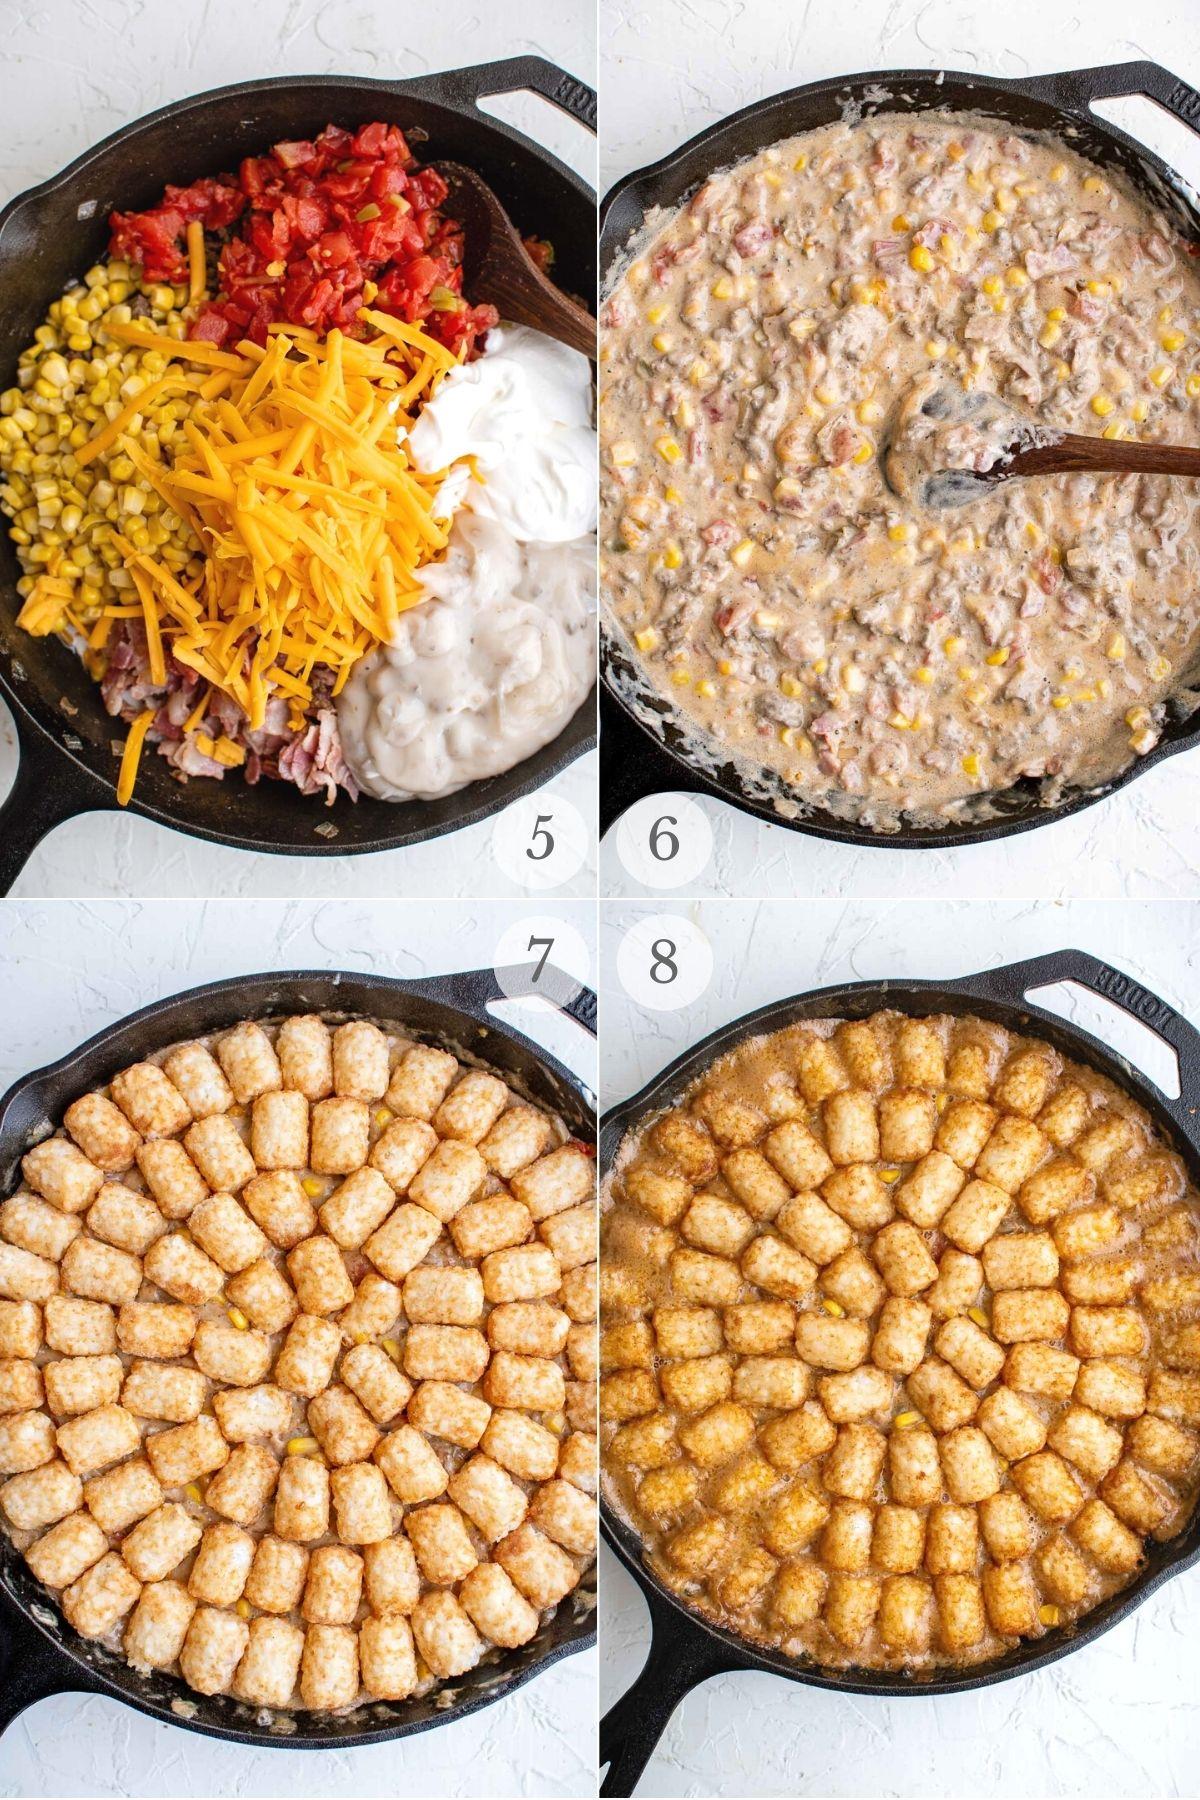 cowboy casserole recipe steps 5-8